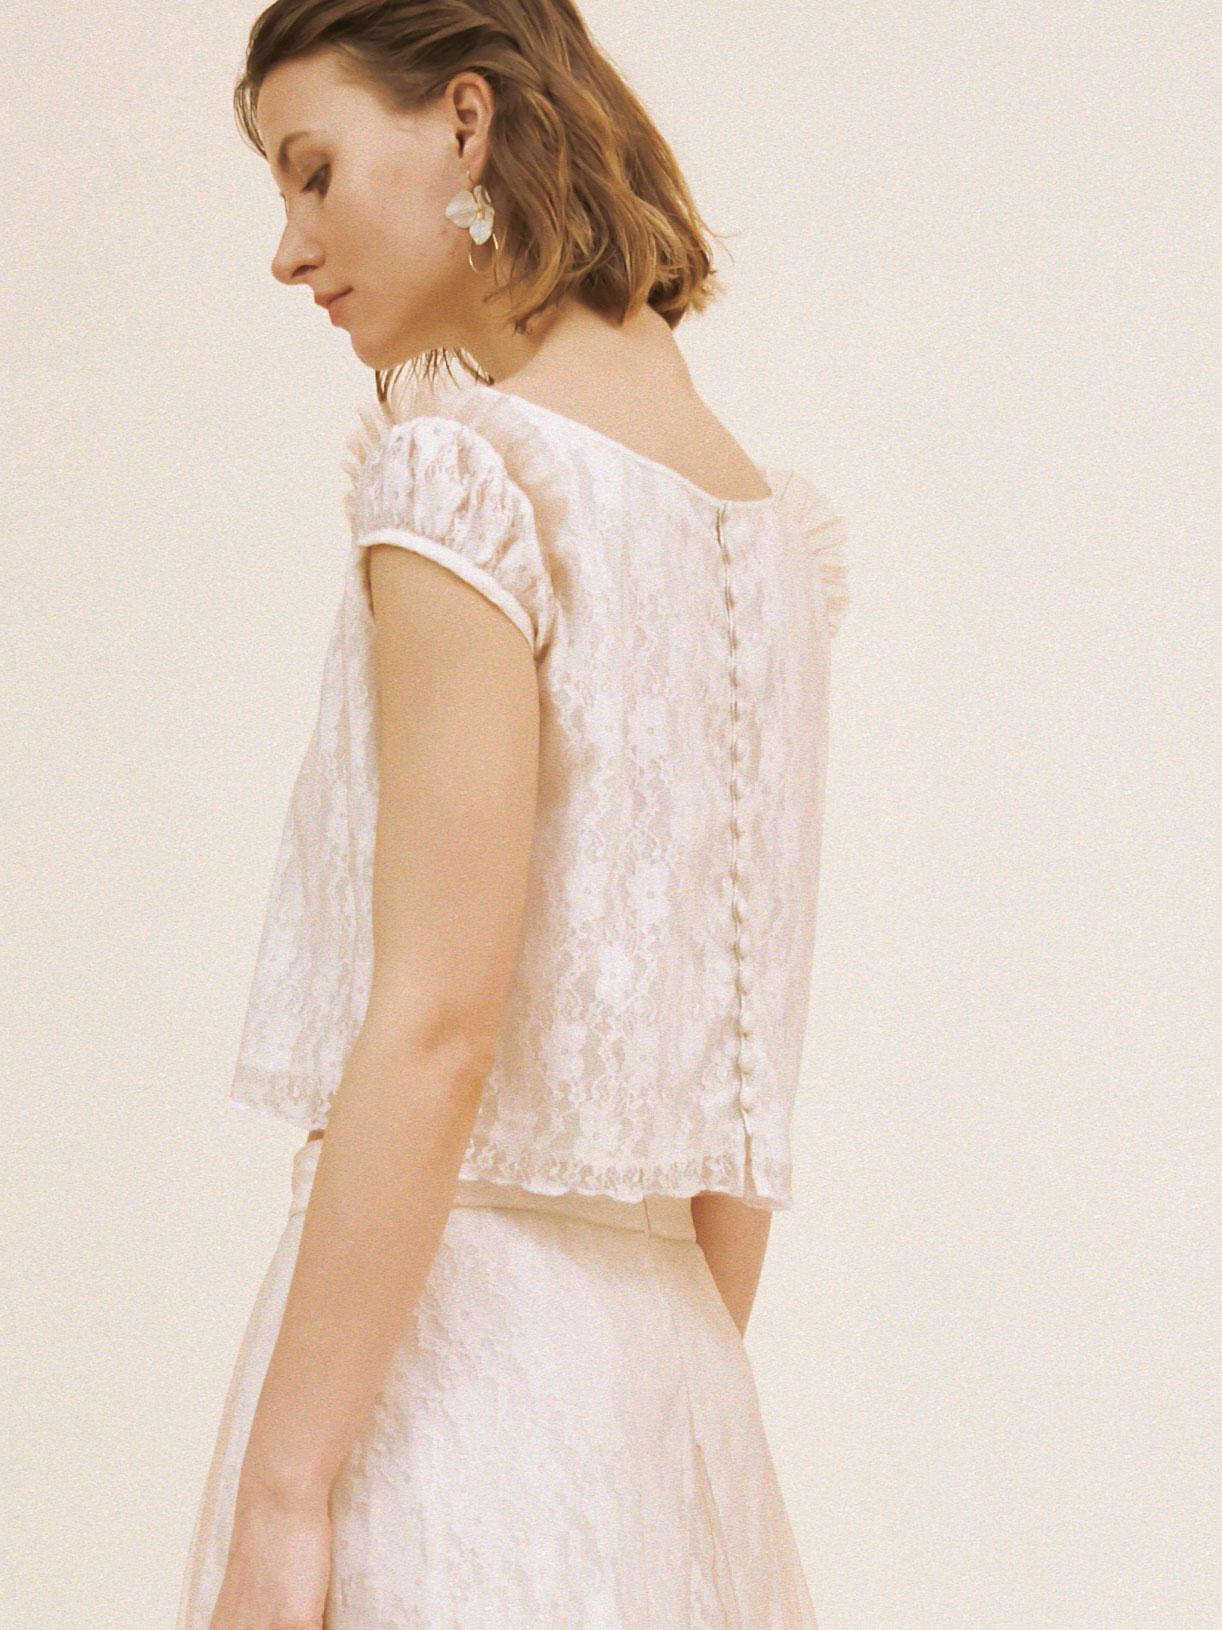 Crop top de mariée en dentelle écoresponsable - Creatrice de robe de mariée éthique et bio a Paris - Myphilosophy